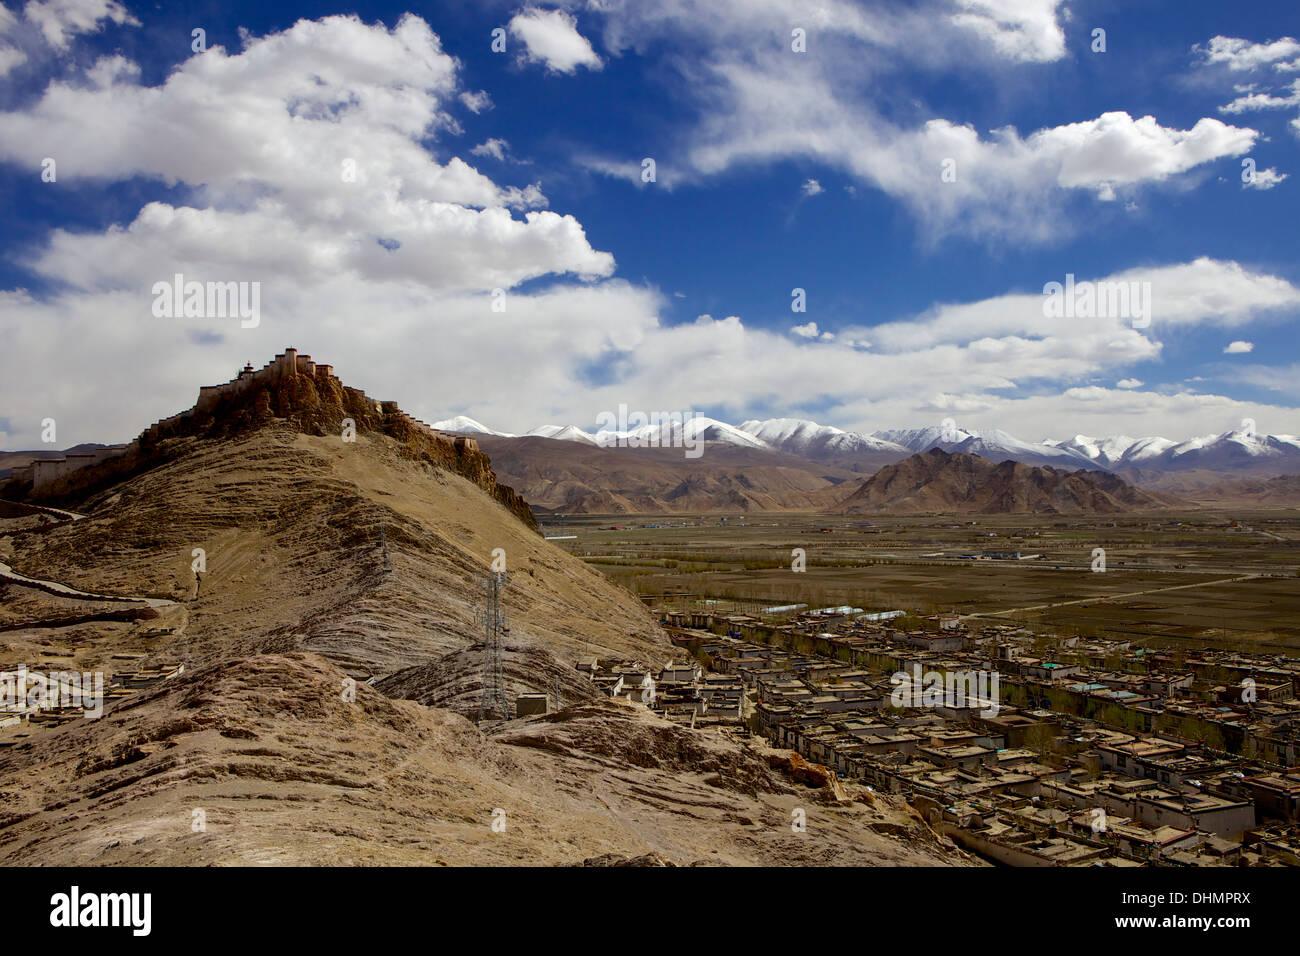 The dzong (fortress) of Gyantse (Gyangtse), Tibet, China, Asia - Stock Image